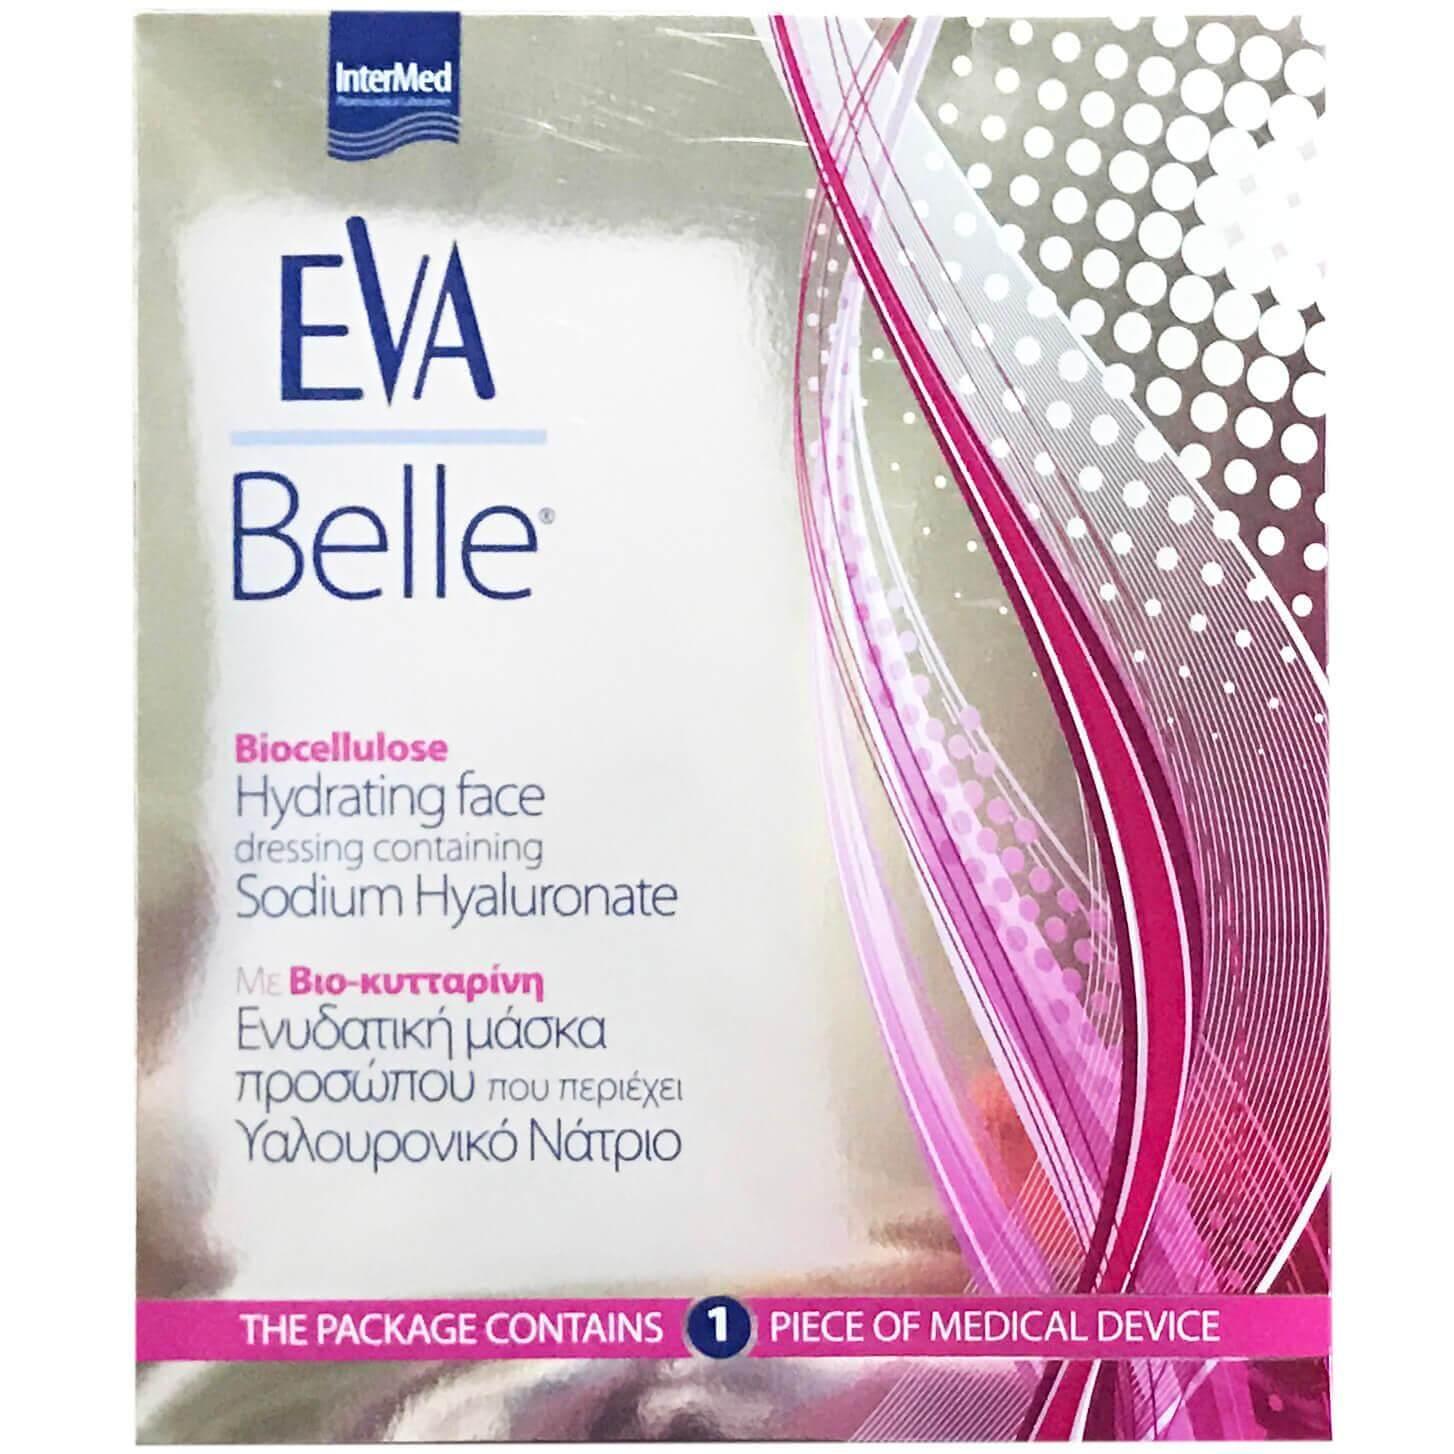 Eva Belle Hydrating FaceΕνυδατική Μάσκα Προσώπου με Υαλουρoνικό Νάτριο 1 Τεμάχιο